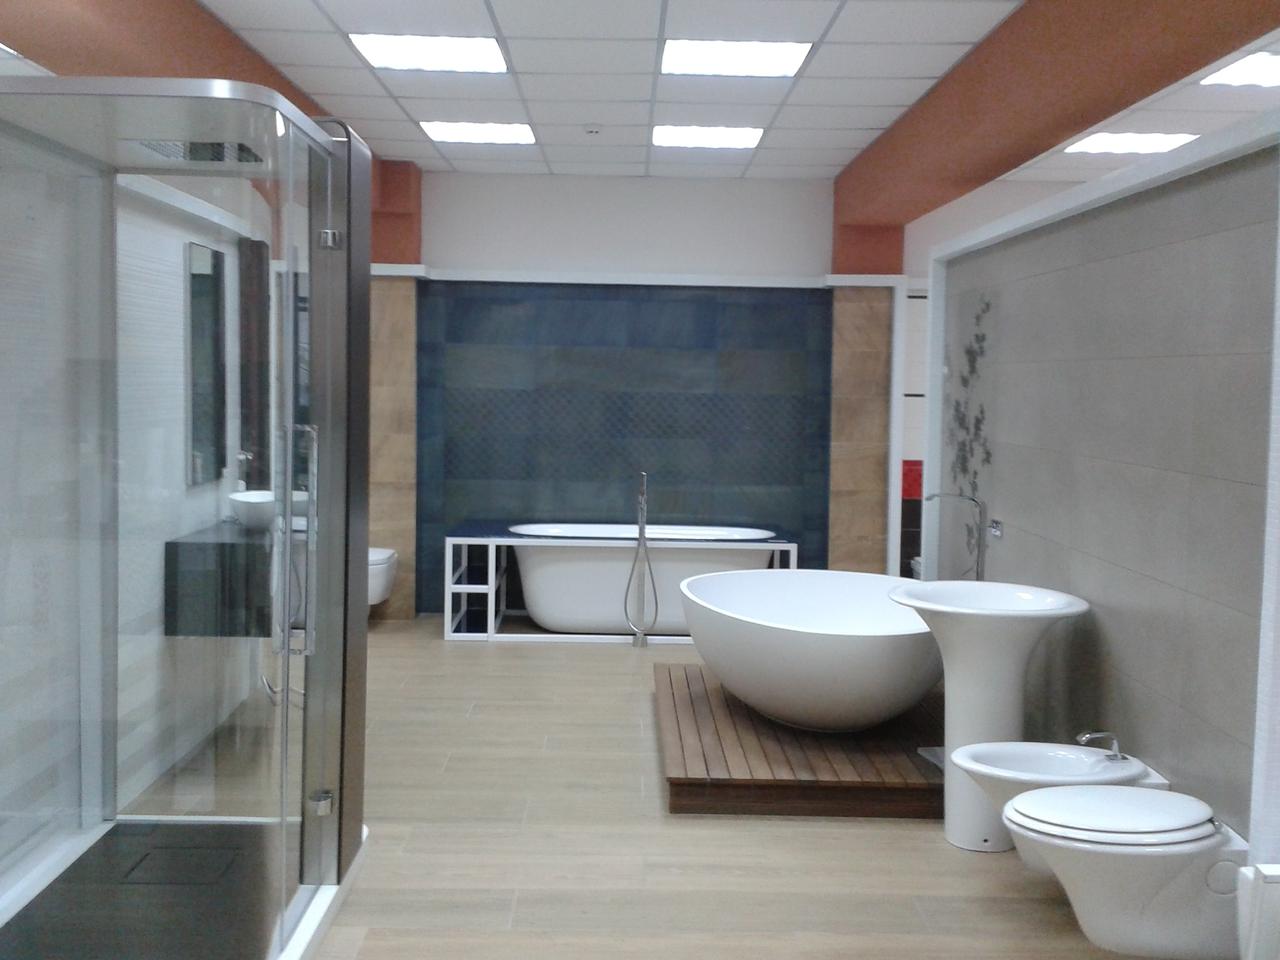 Cabine dus cazi de baie lavoare wc bide italia for Cabine rocciose md cabine